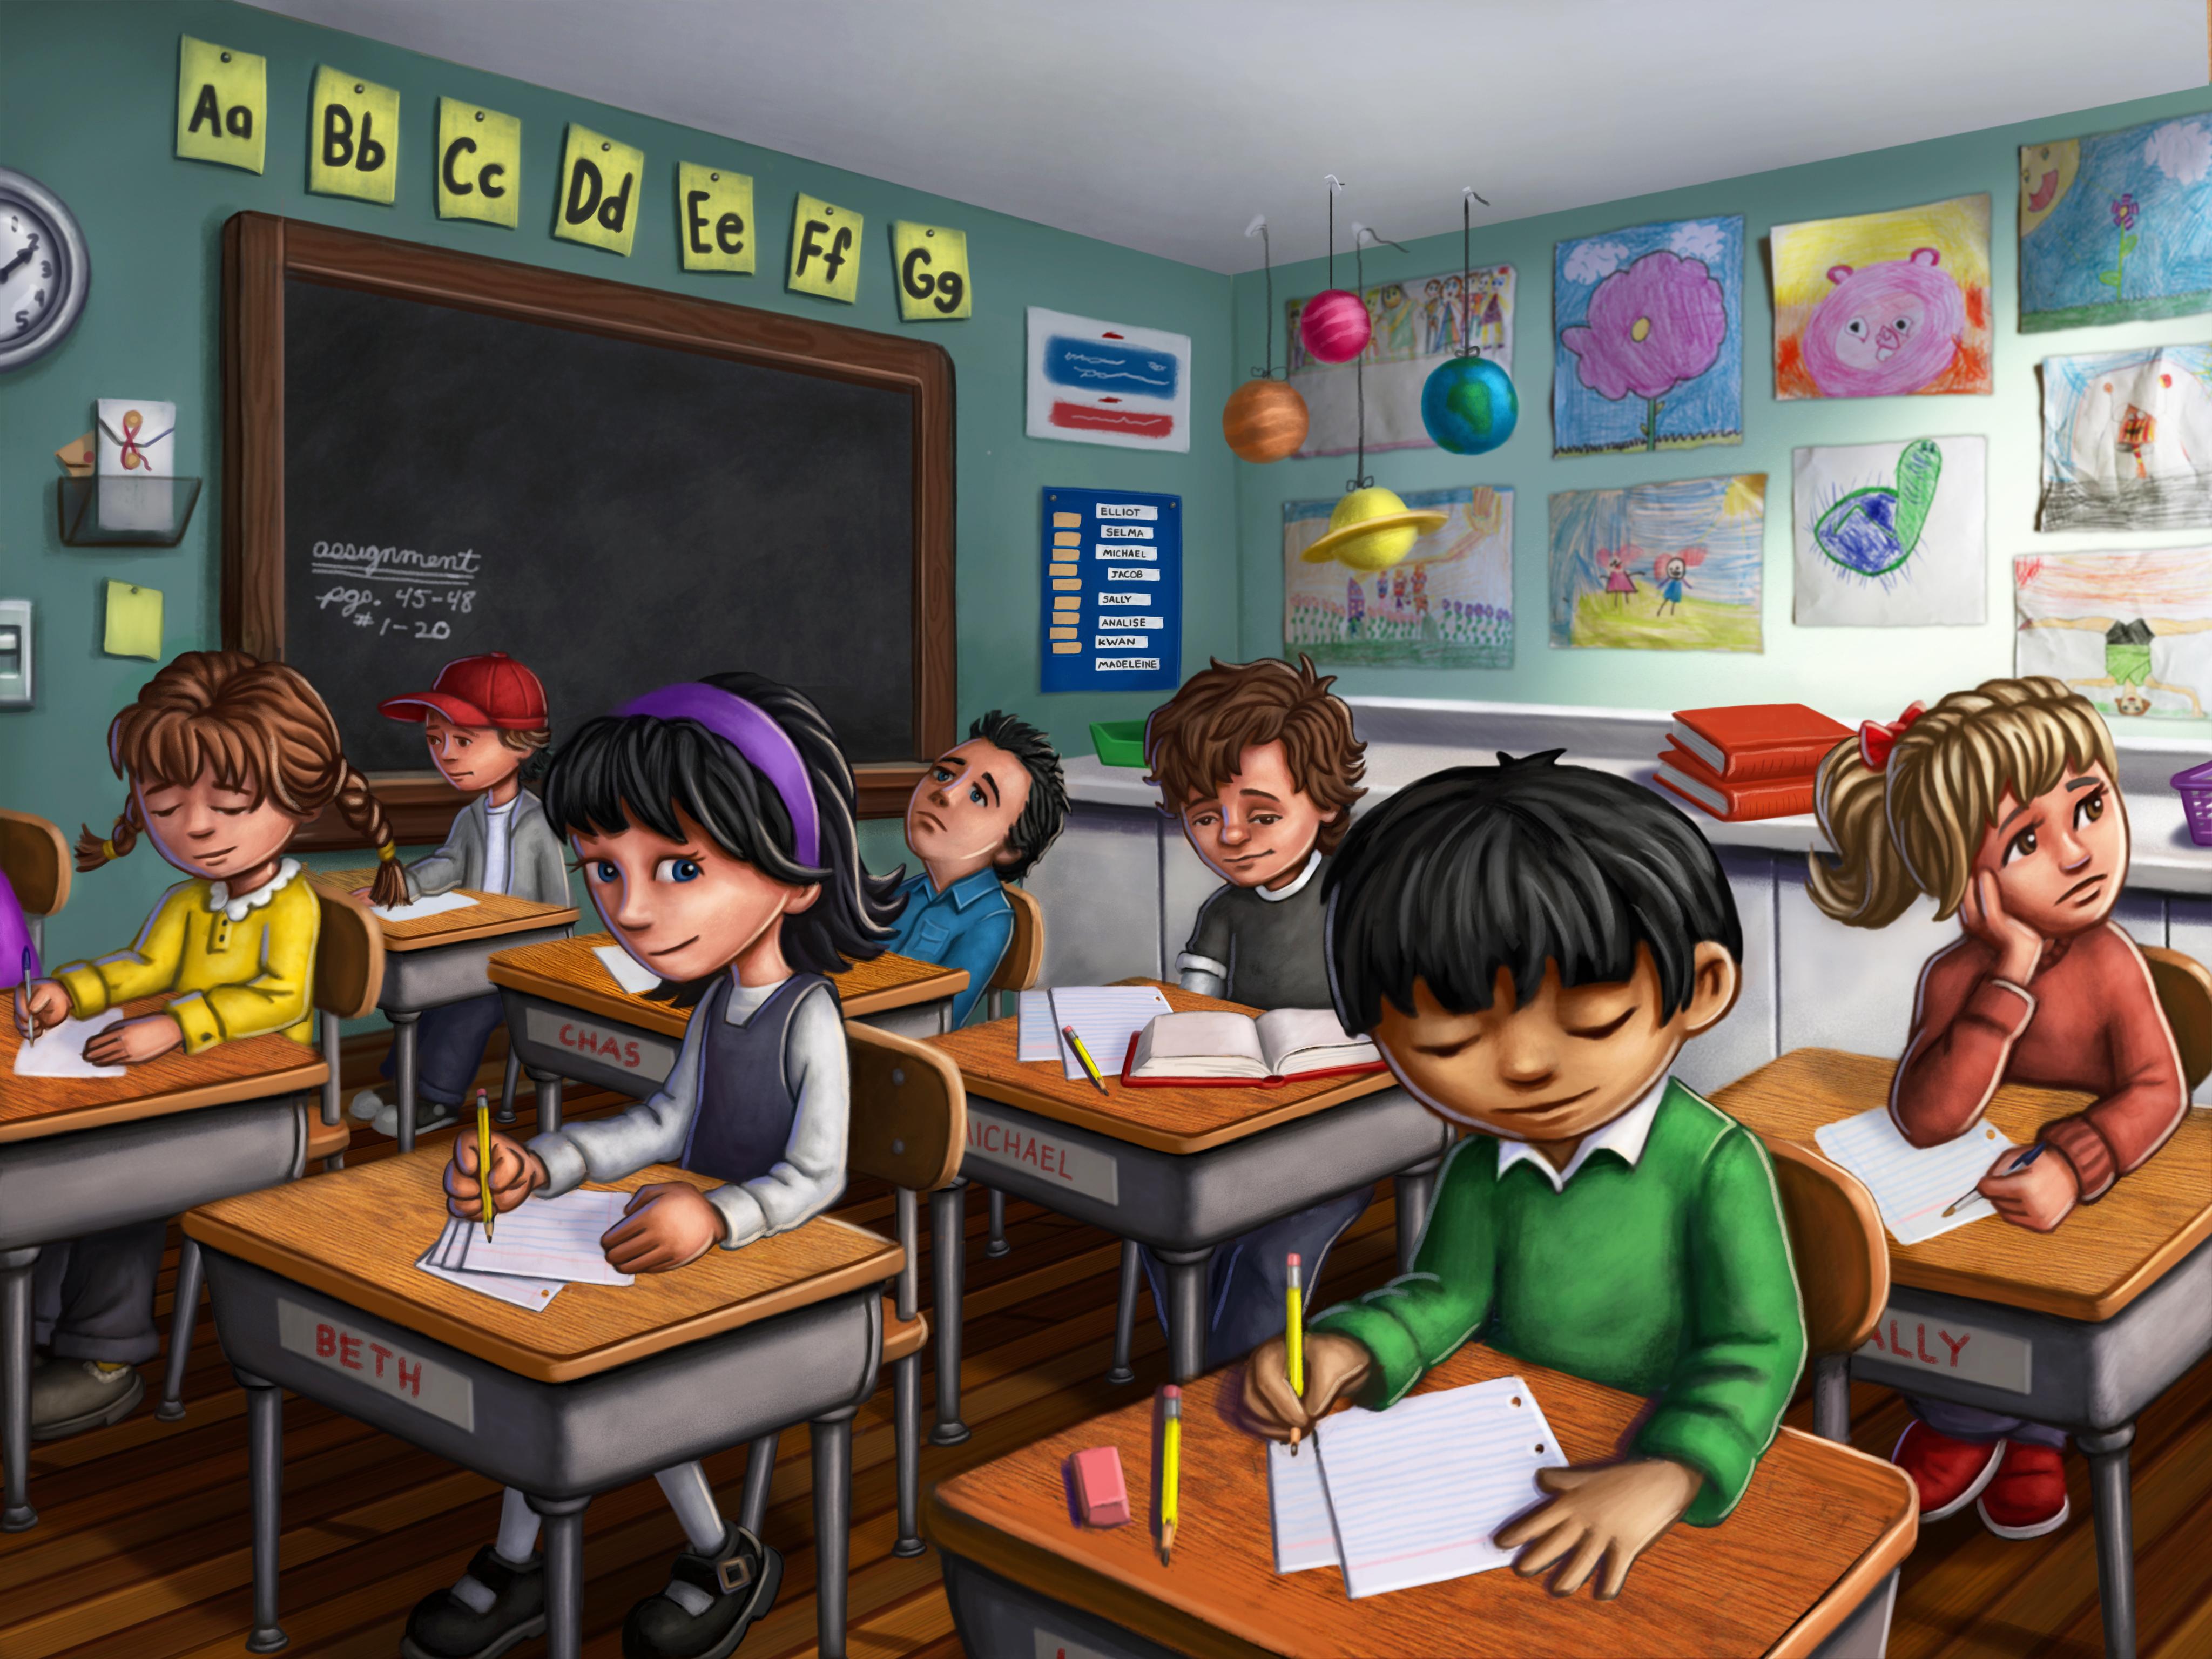 School Classroom Clipart-school classroom clipart-18